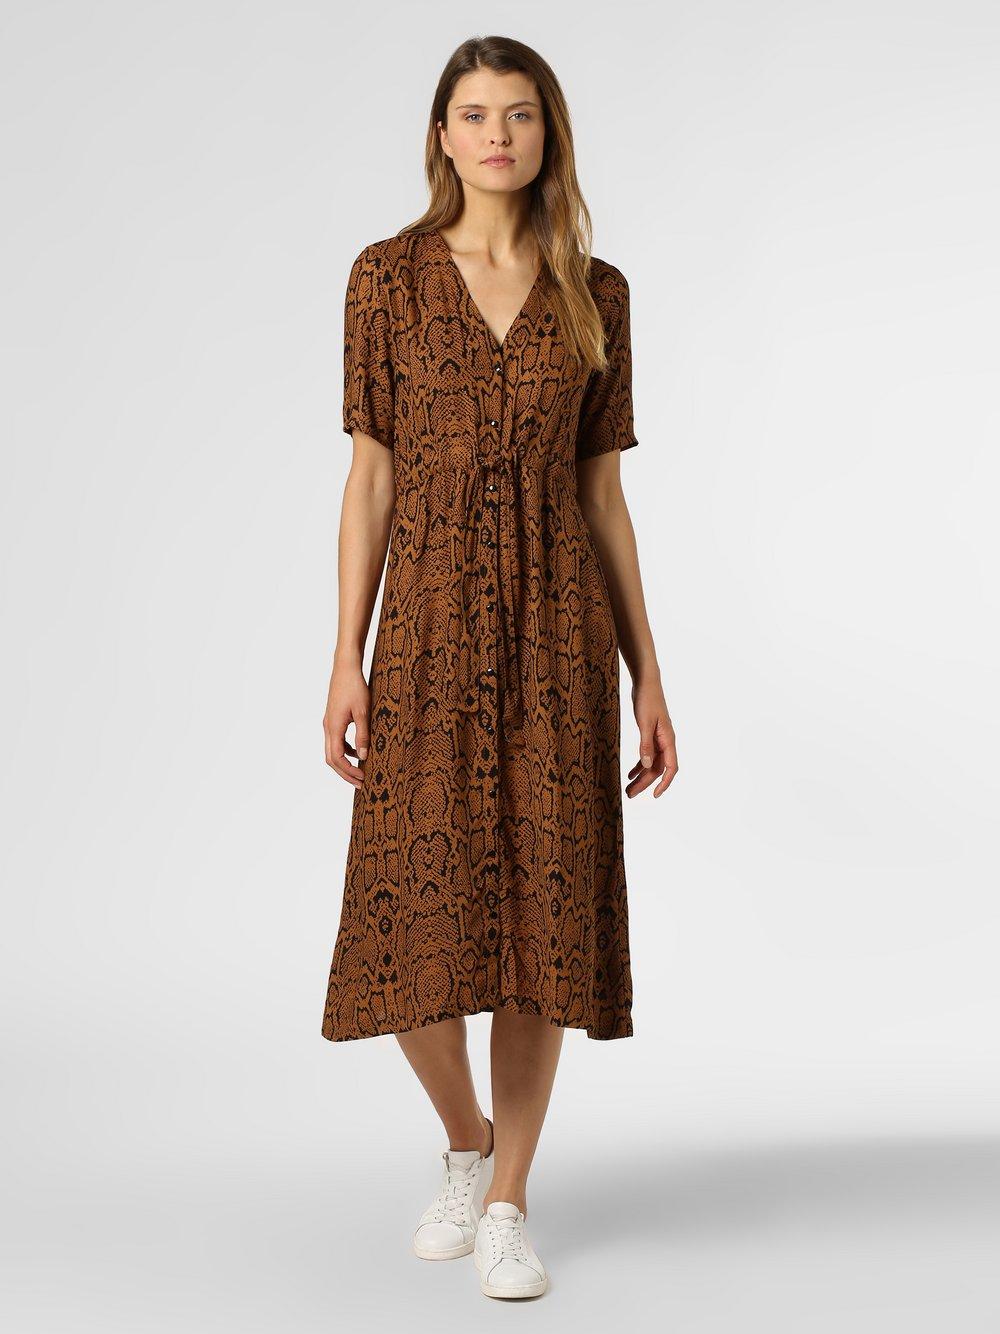 Minimum – Sukienka damska – Biola, brązowy Van Graaf 445208-0001